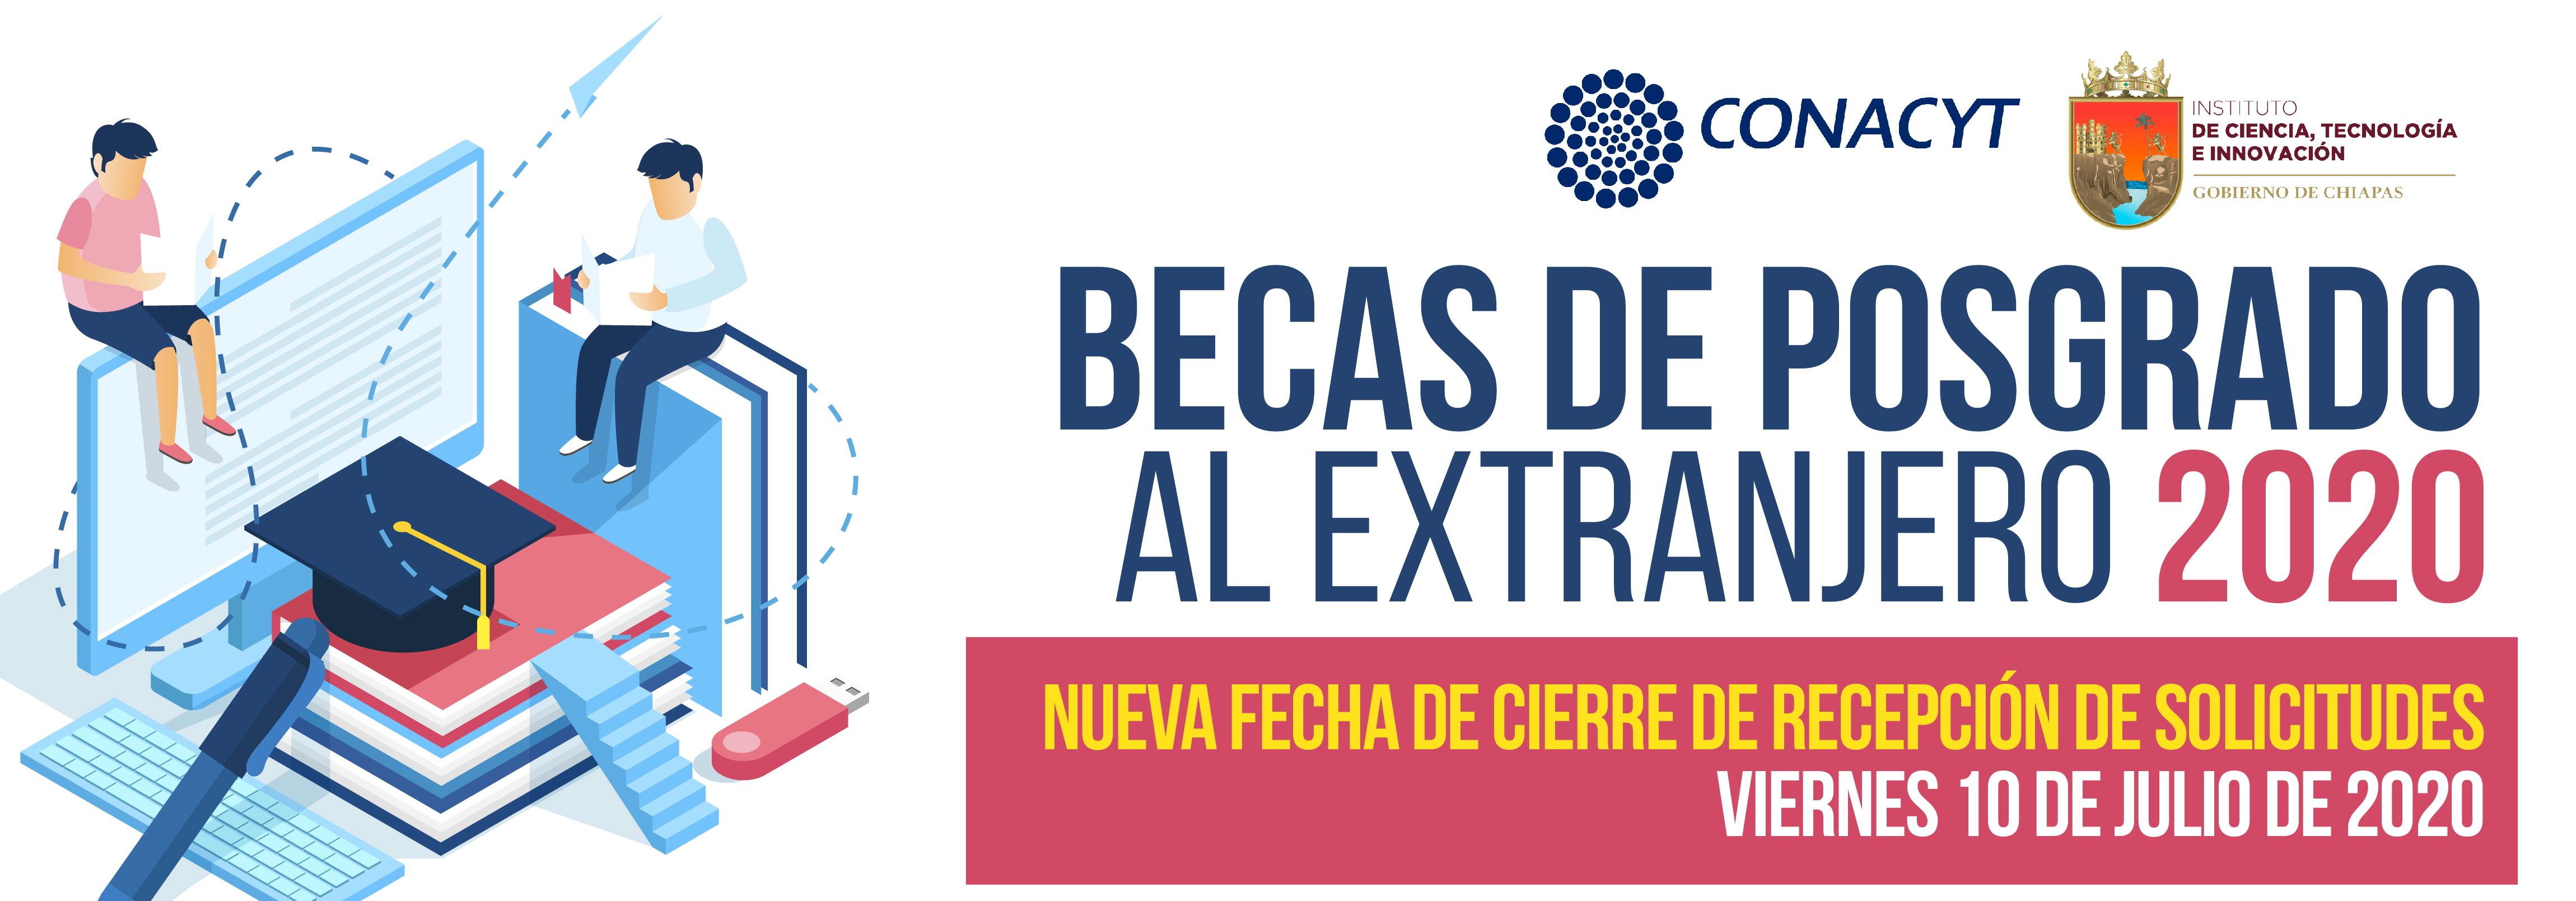 BECAS CONACYT-REGIONAL SURESTE 2020 ESTADOS PARTICIPANTES: Campeche, Chiapas, Quintana Roo, Tabasco y Yucatán